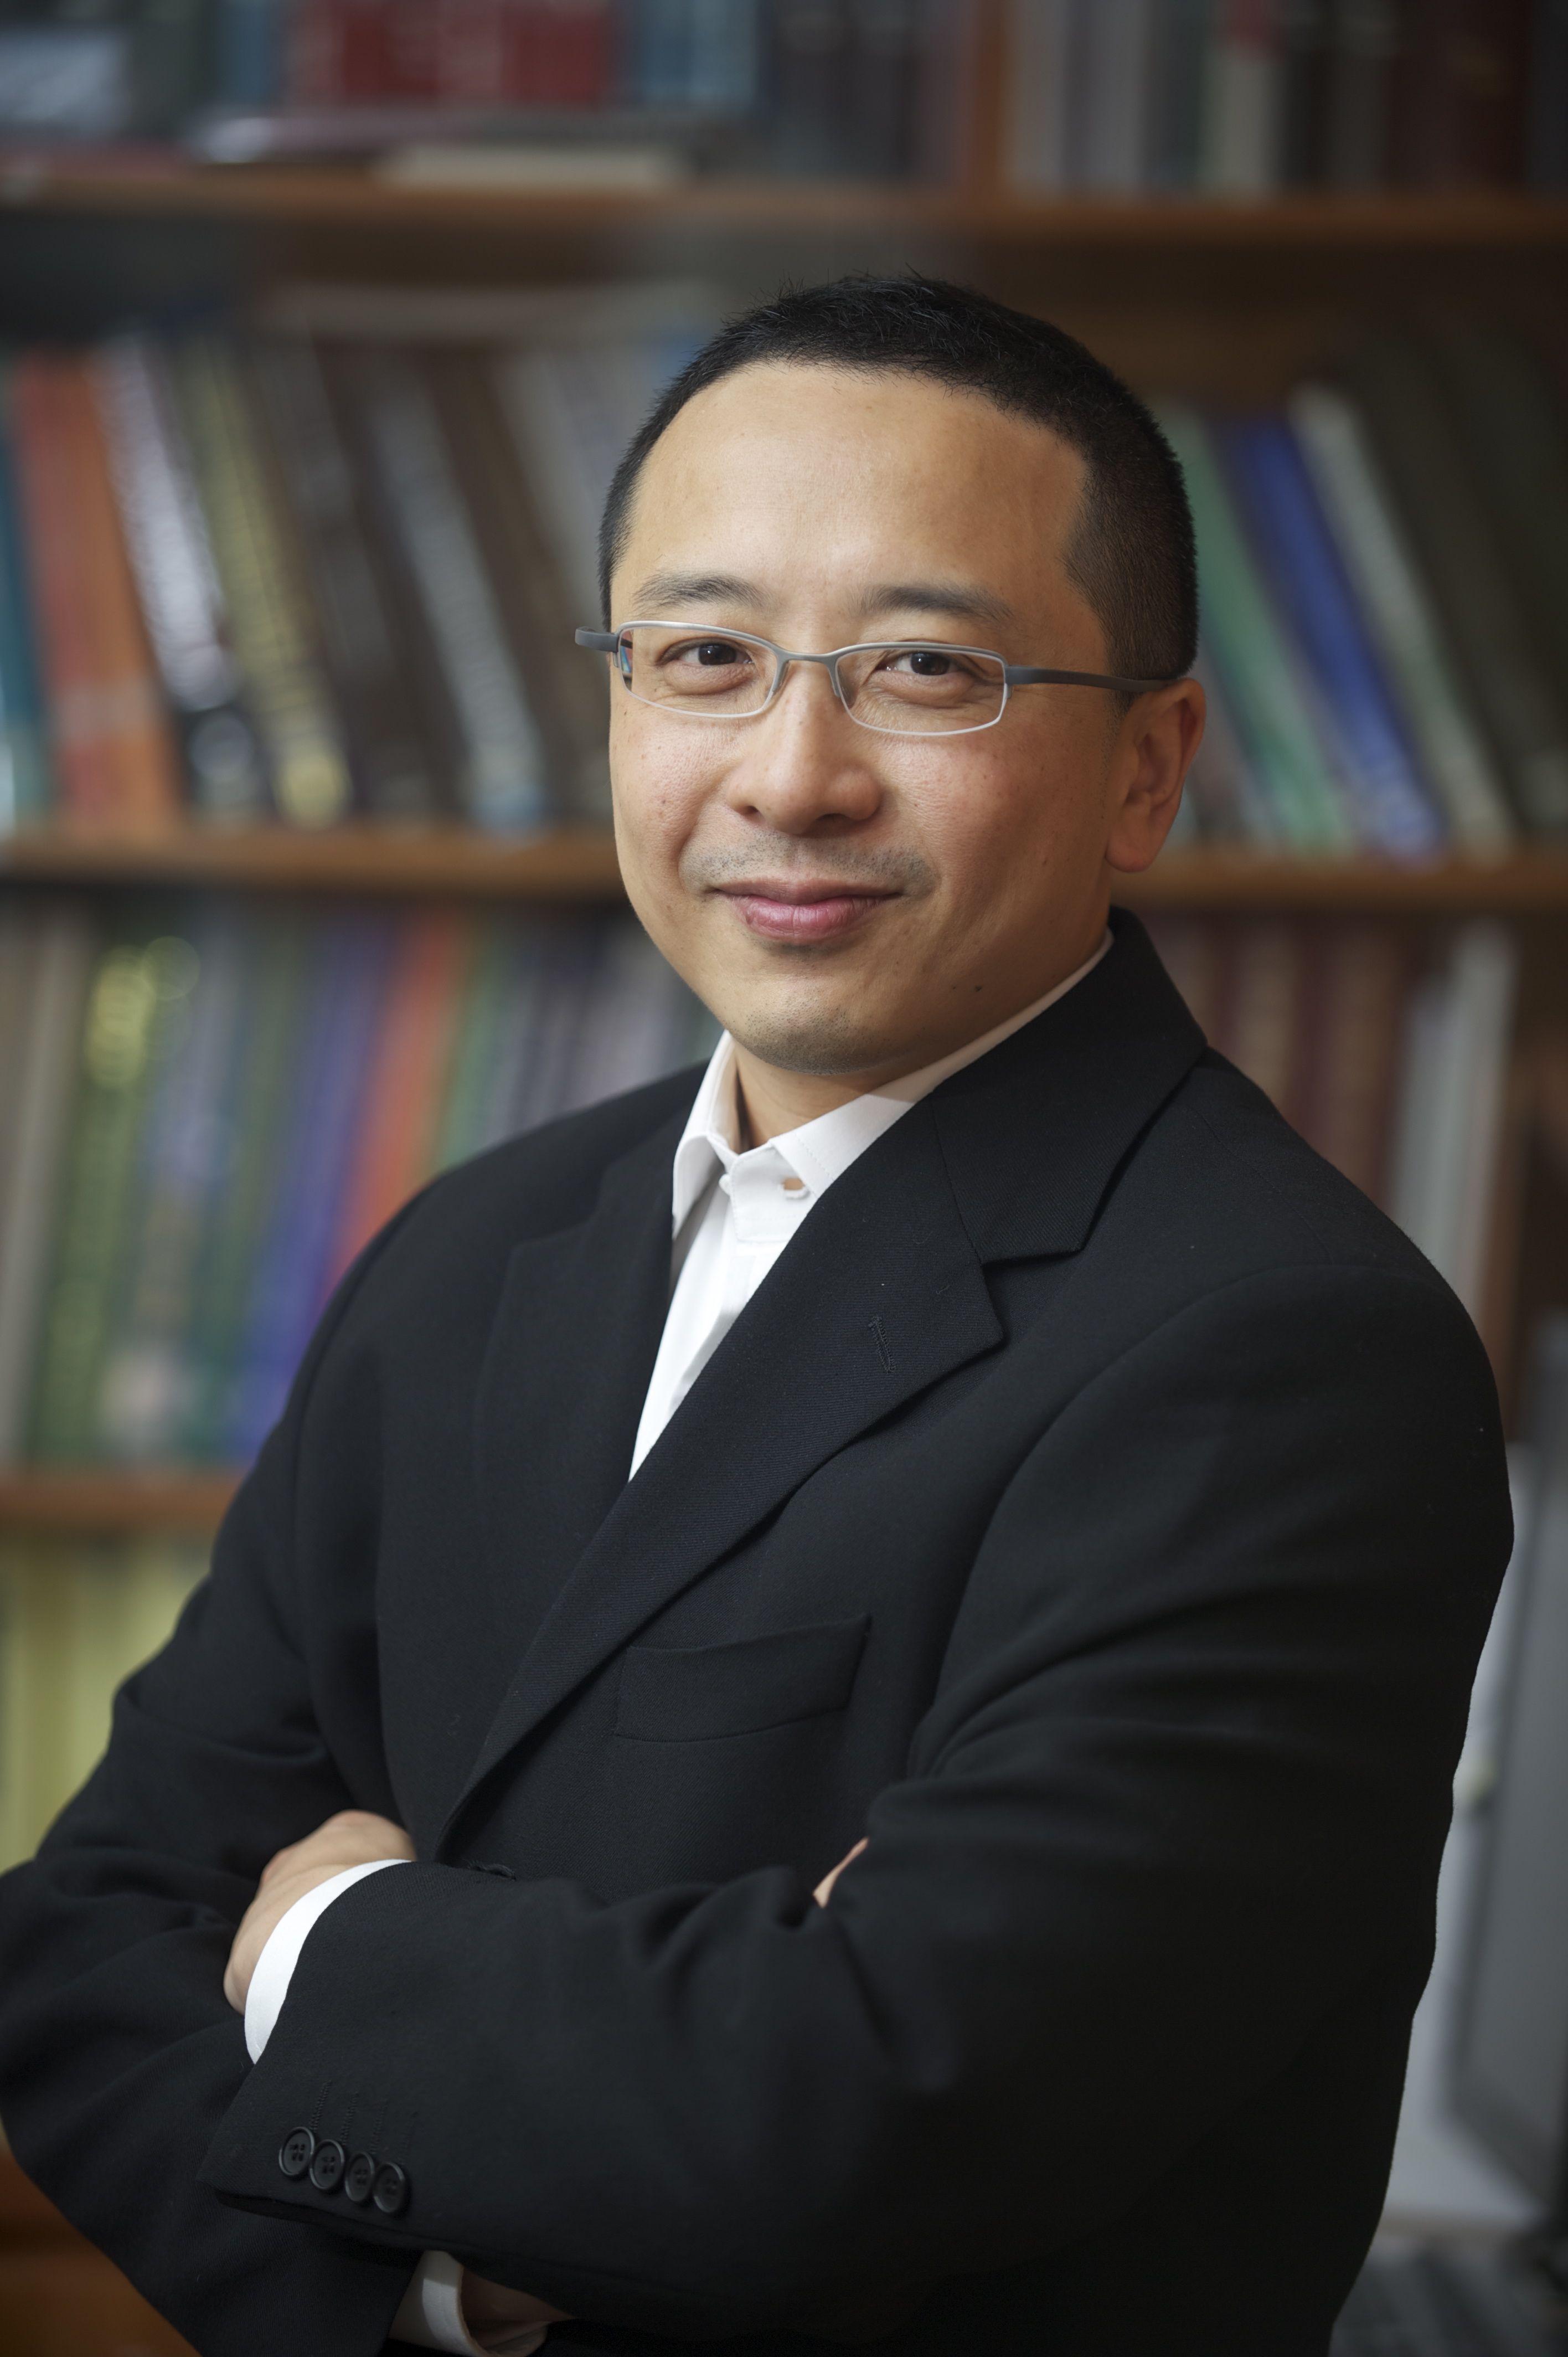 Mr. Paul Lee